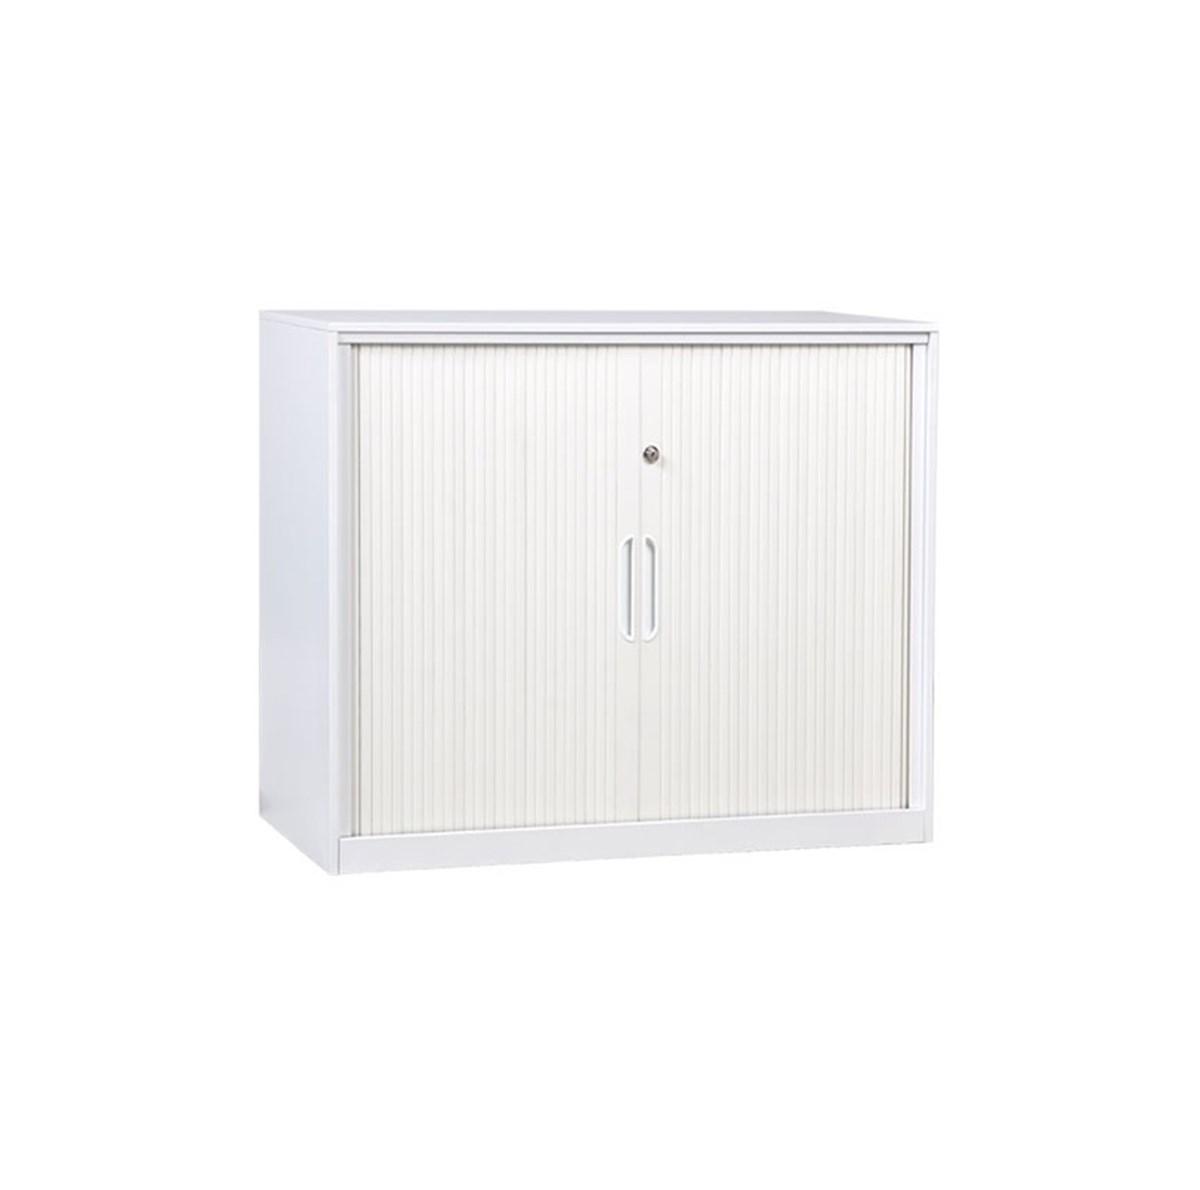 Neospace-Tambour-Cabinet-Short-Matisse-1